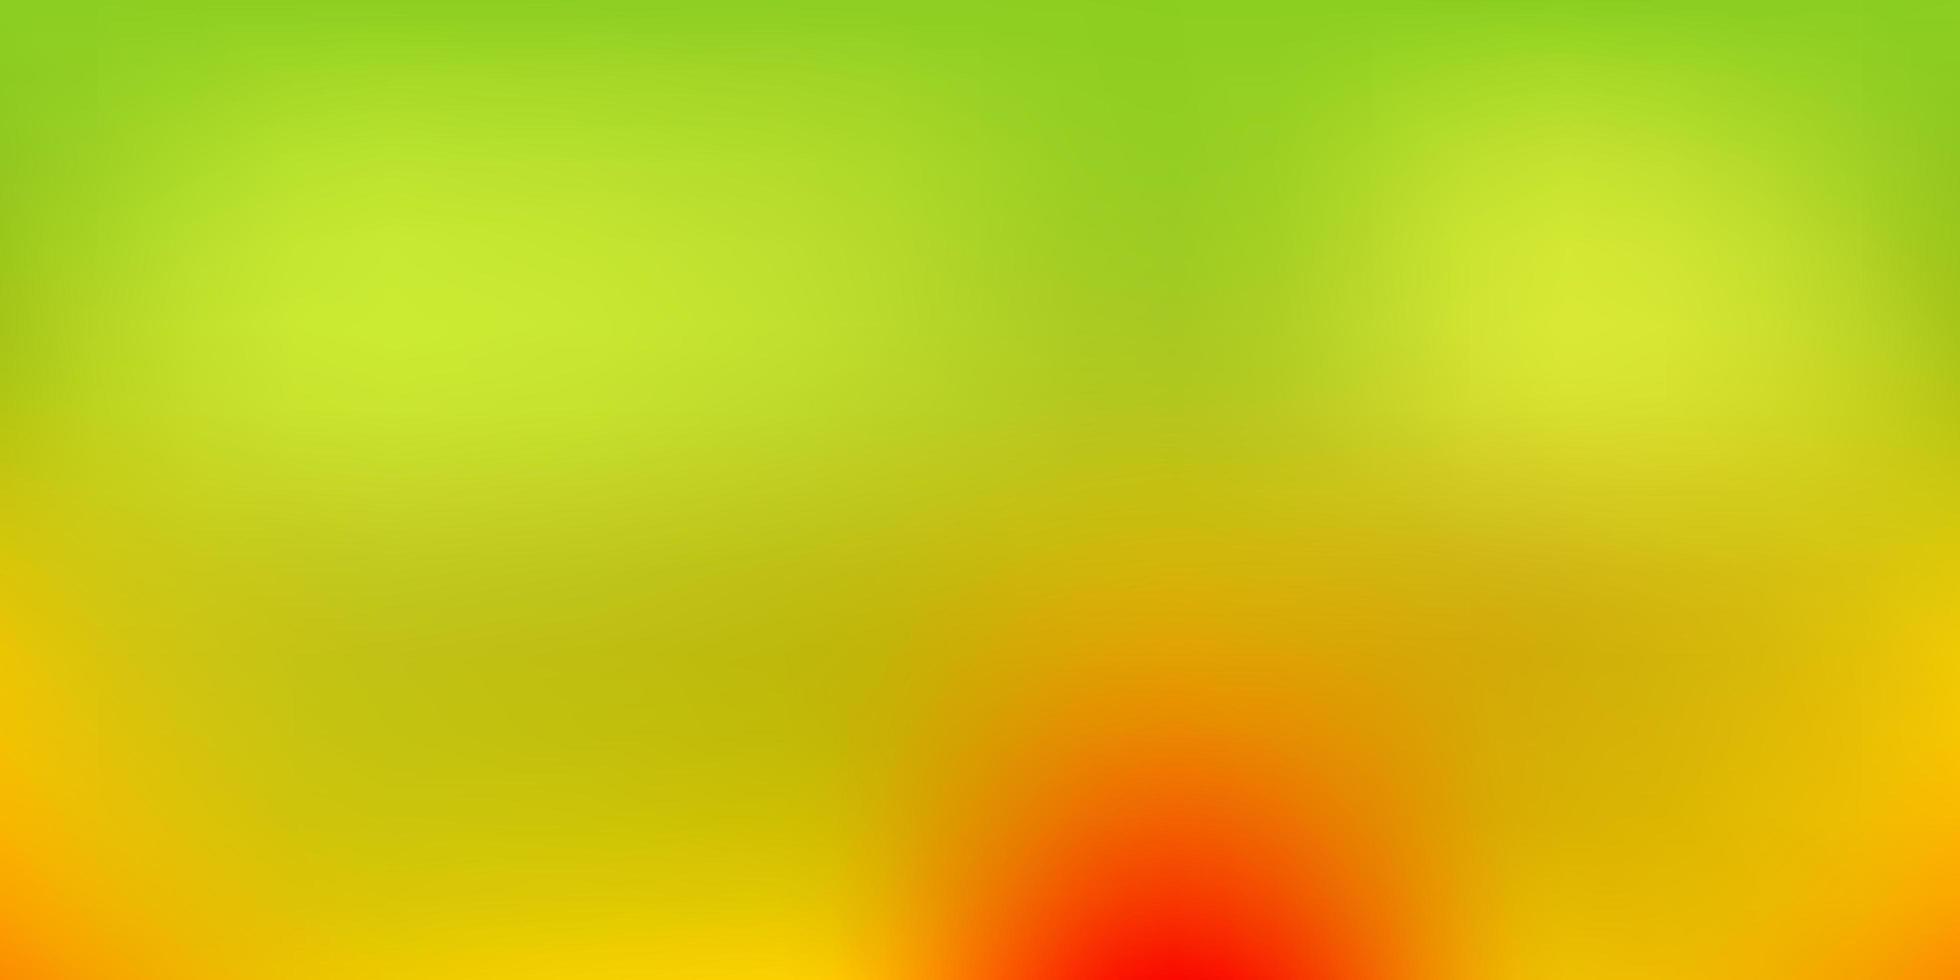 textura de desfoque de vetor verde e amarelo escuro.